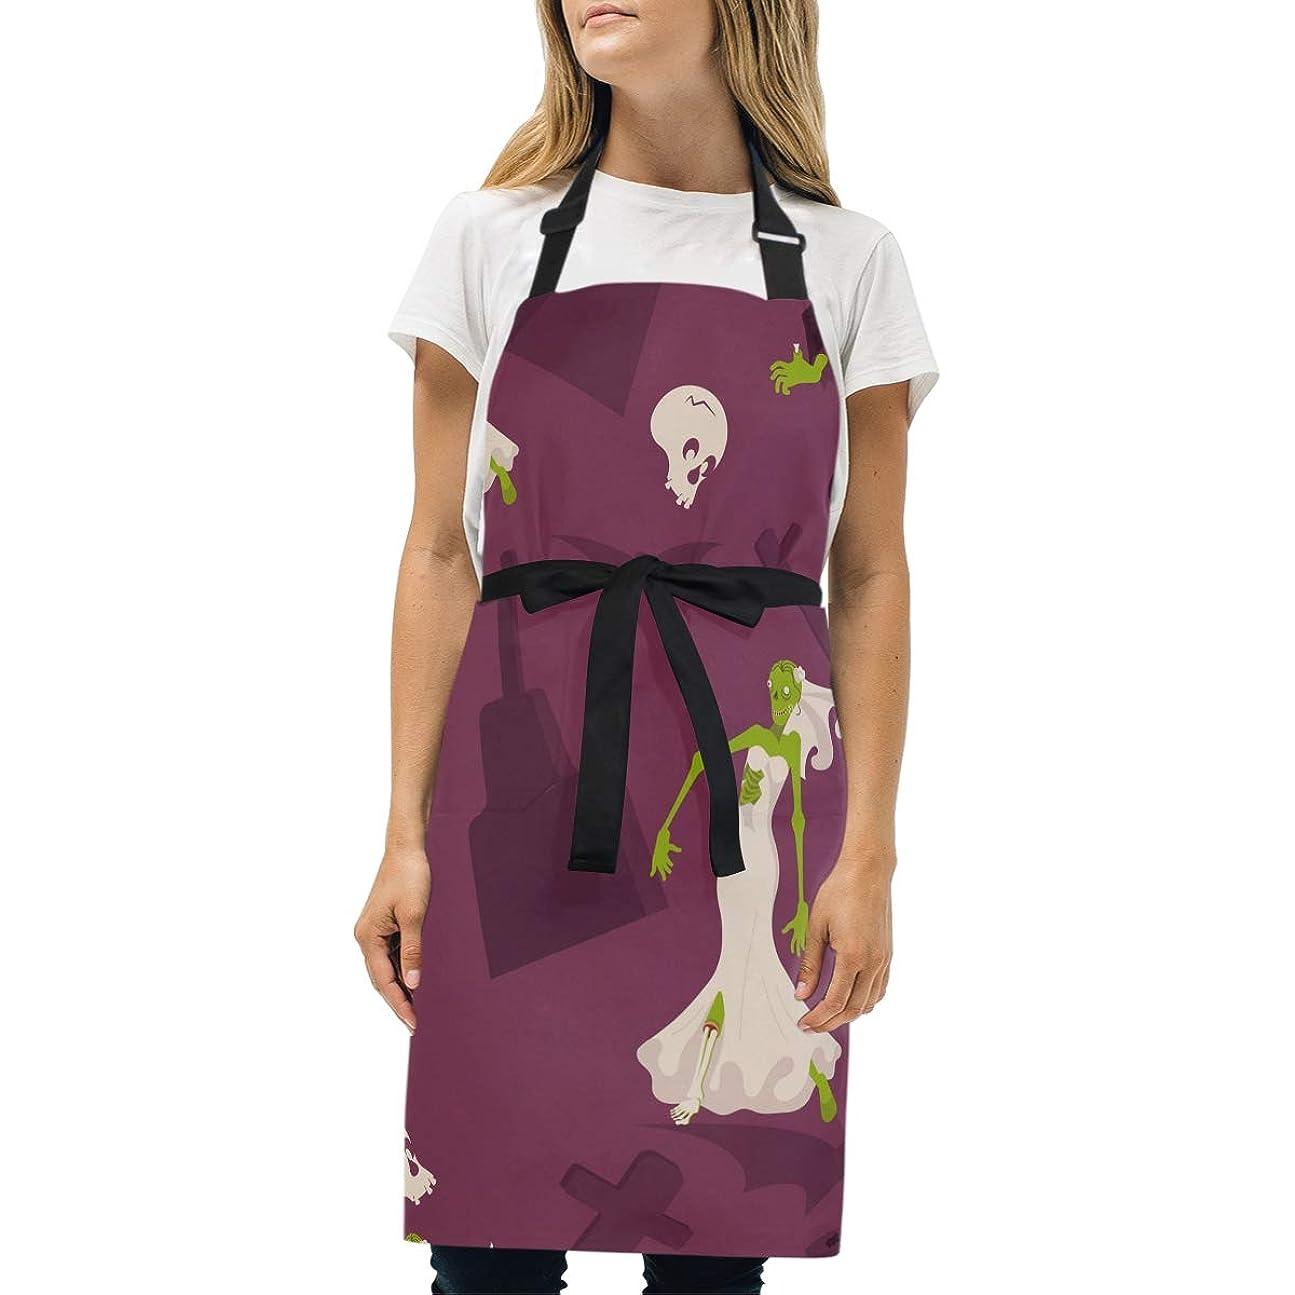 ハック外出黒くするオタク 男女通用エプロンハロウィン模様、ベルト調整可能、ダブルポケット付き、キッチン、カフェ、保育園作業着